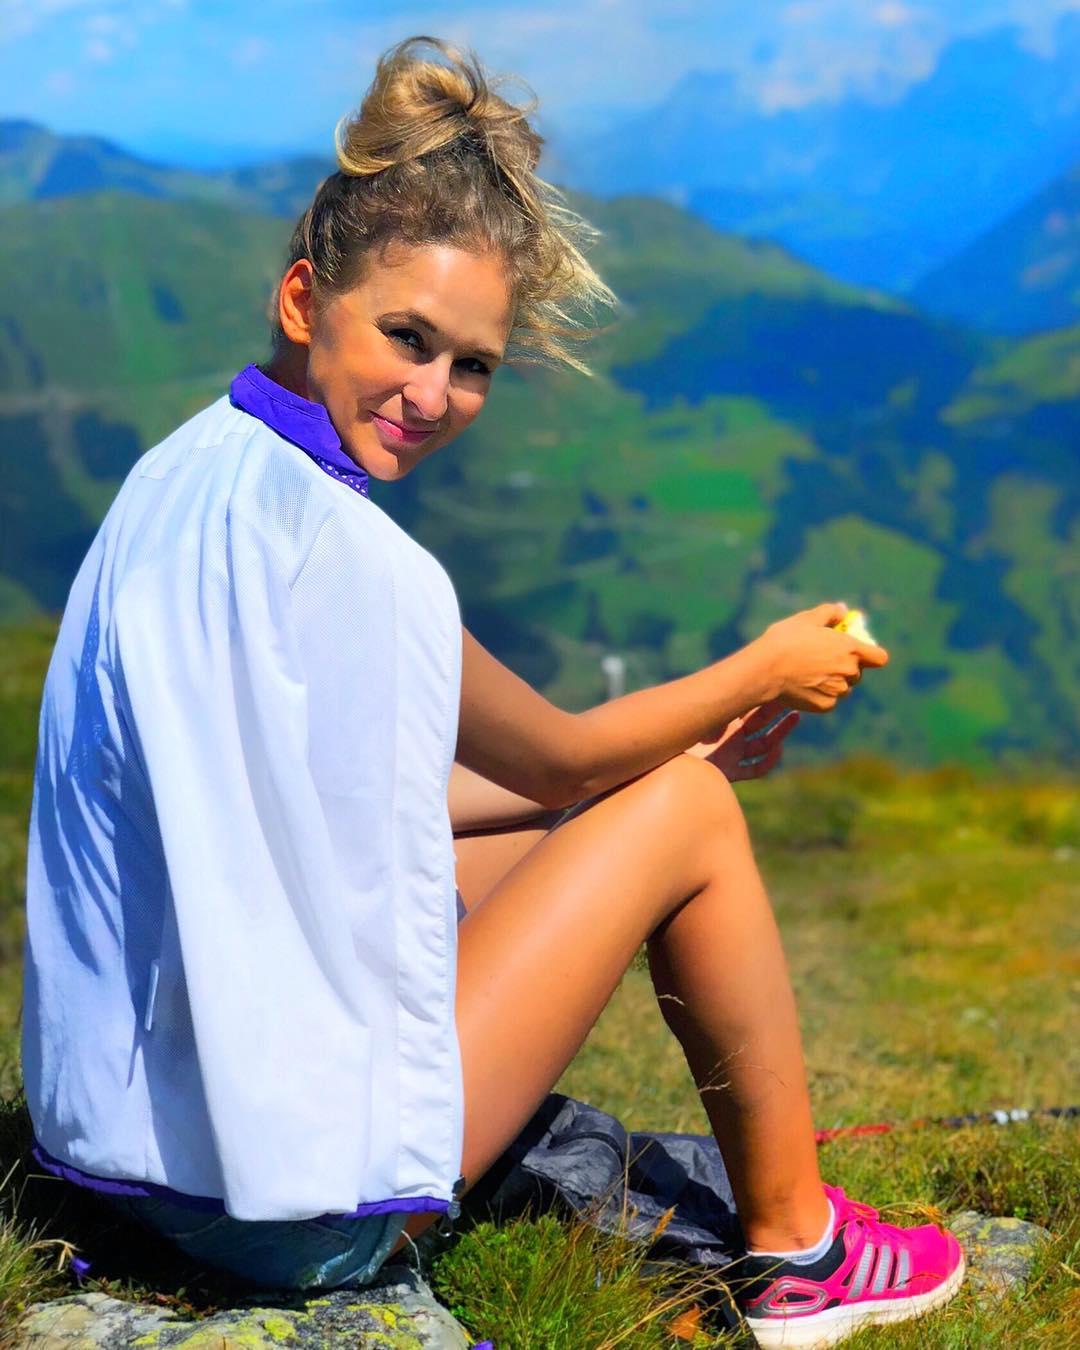 Lenka Michalová: Instagram vyvíjí na lidi obrovský nátlak